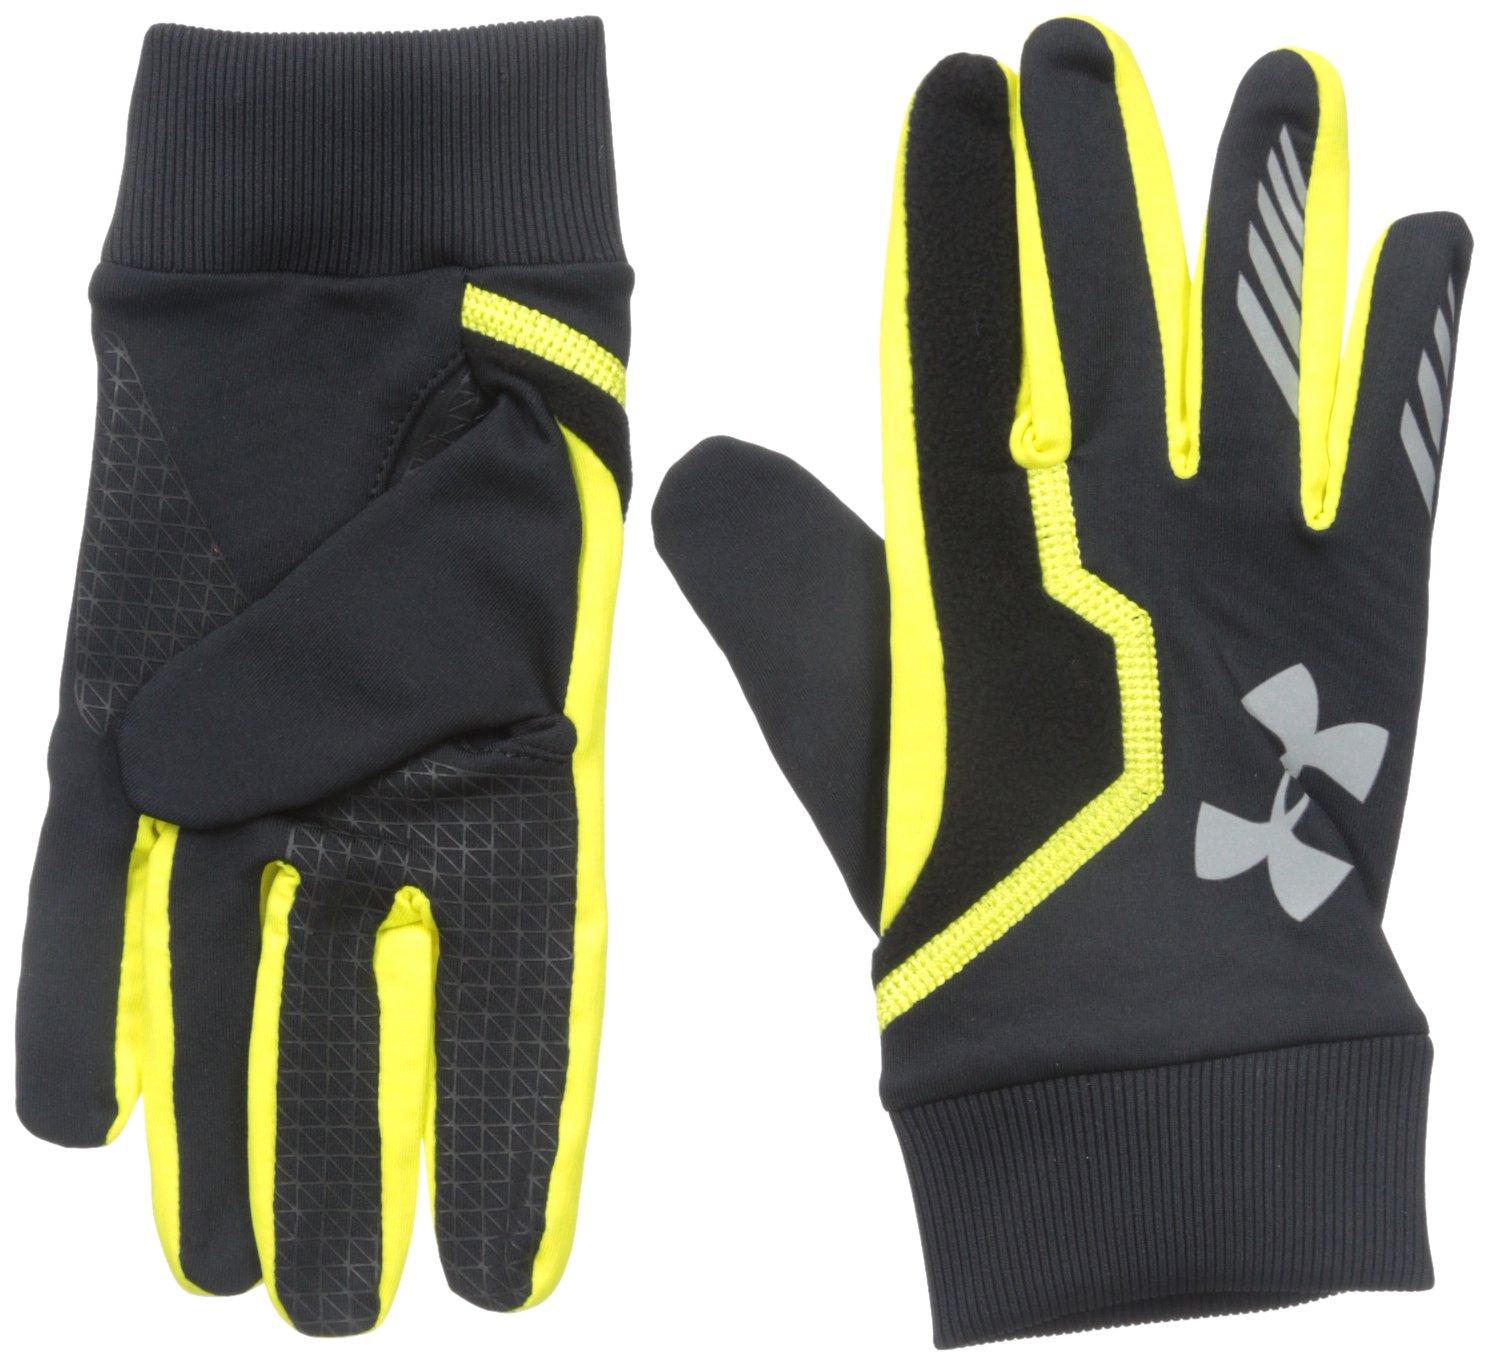 Under Armour Extreme CG Run Glove Childrens Gloves